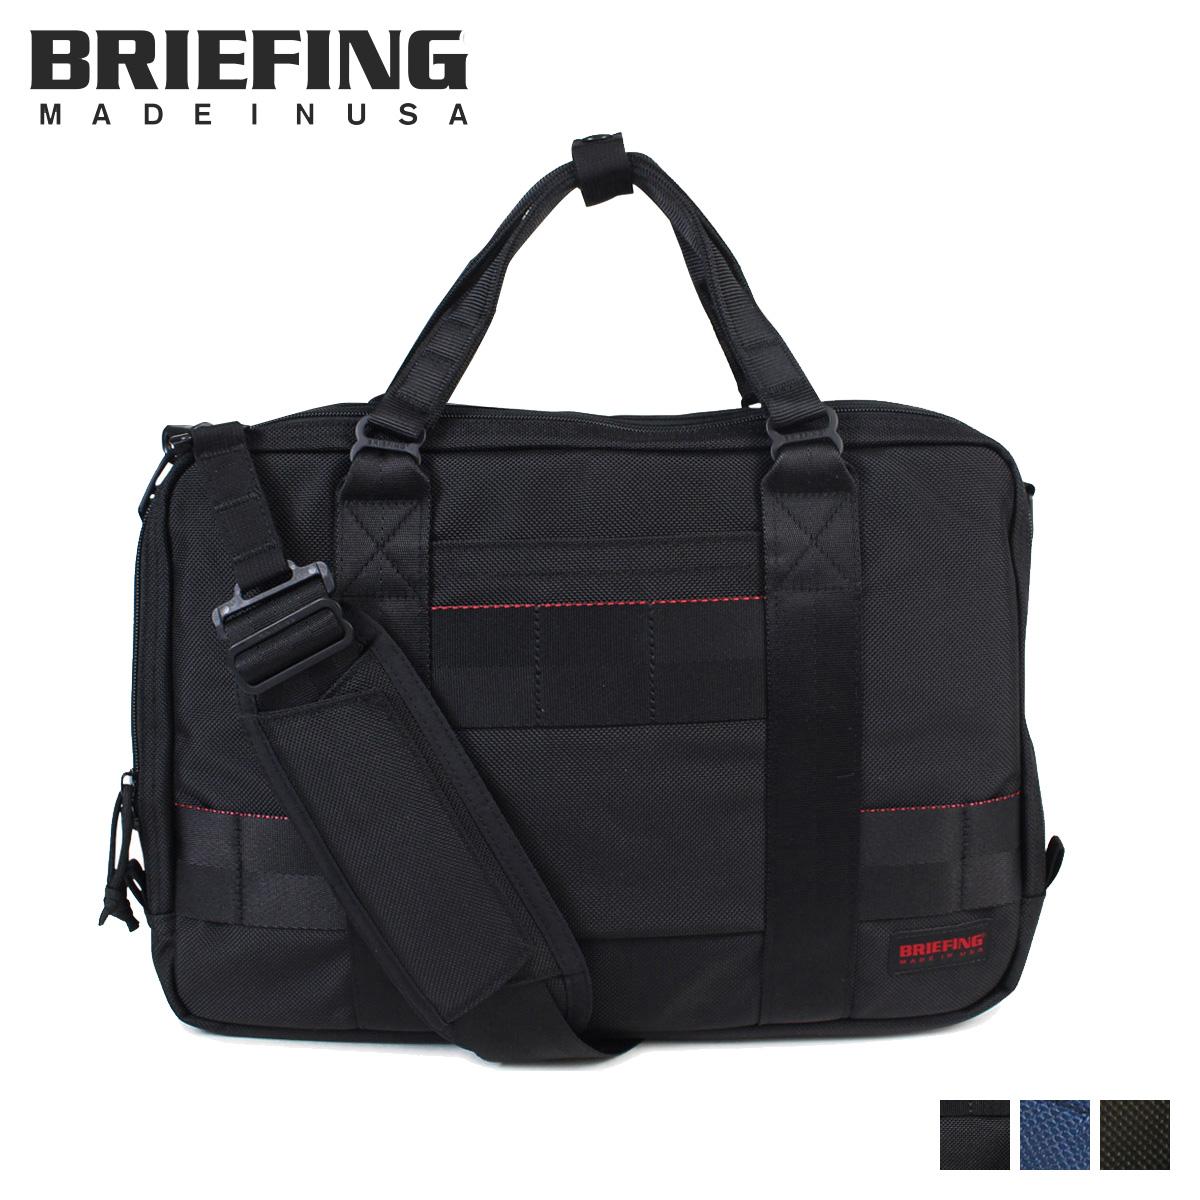 BRIEFING 2way SSL LINER A4 ブリーフィング バッグ ブリーフケース リュック ビジネスバッグ メンズ ブラック ネイビー オリーブ 黒 BRF489219